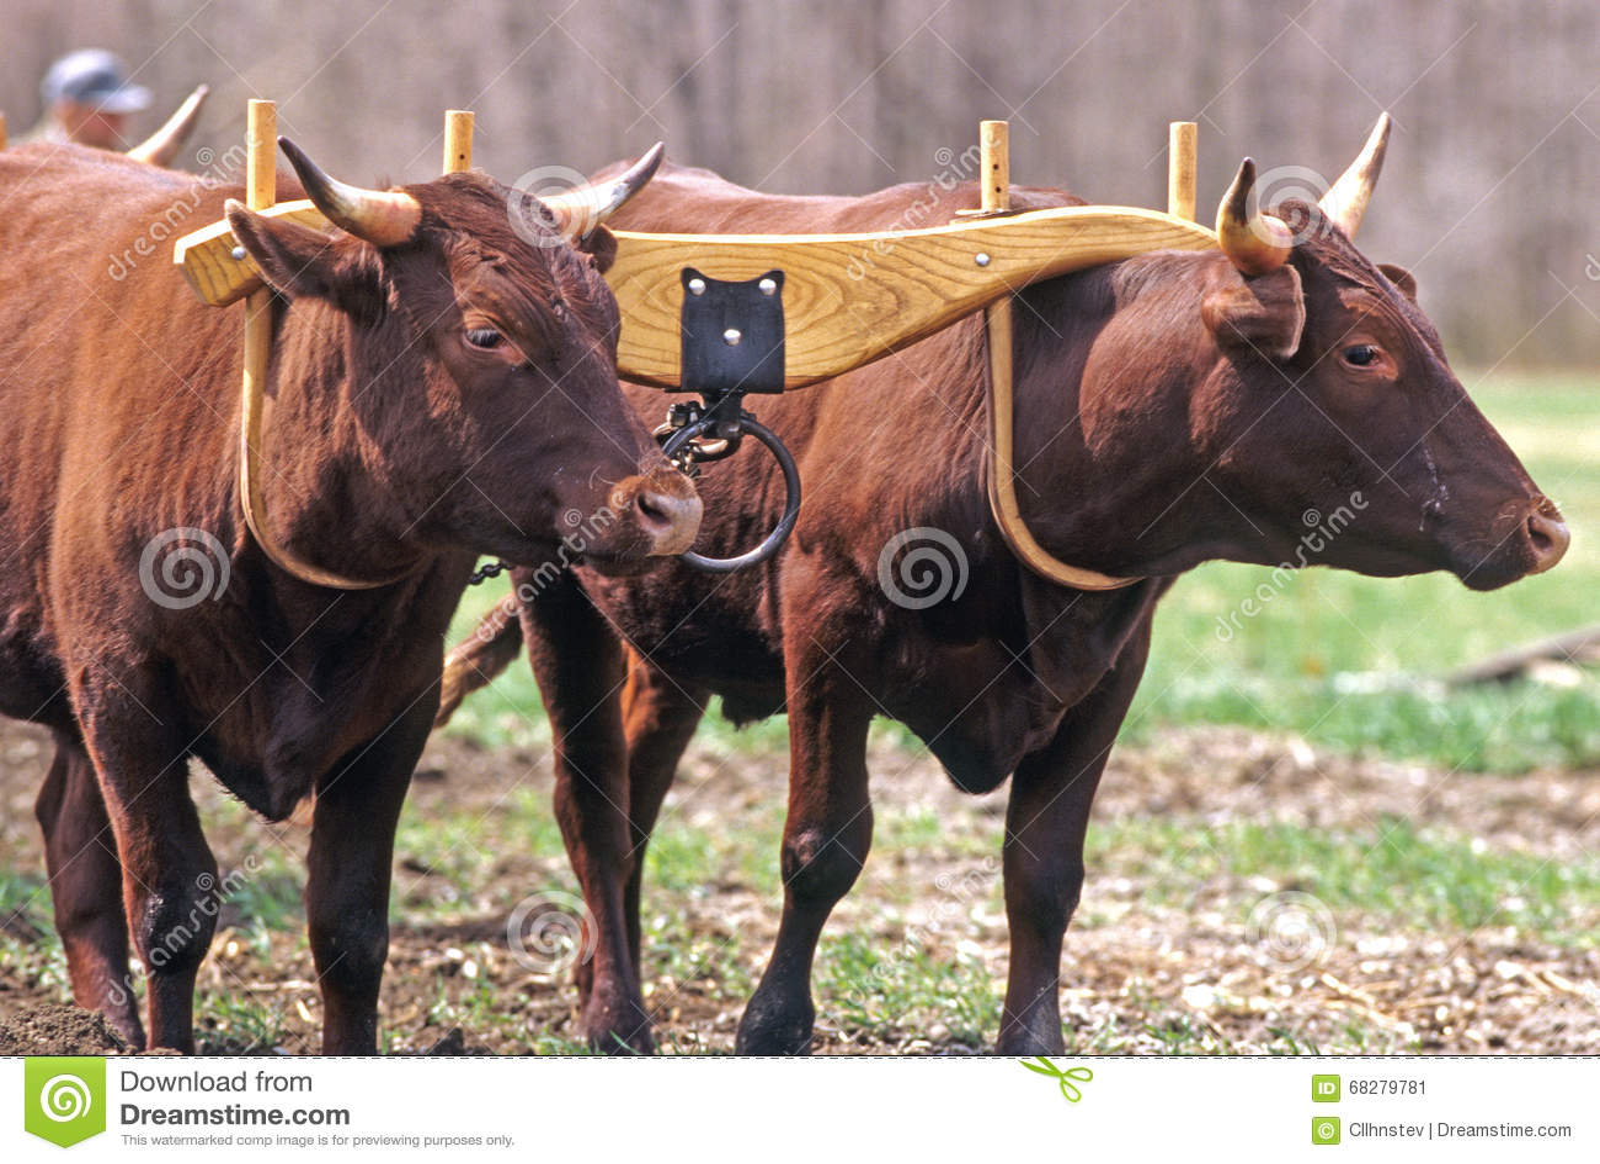 Devon Oxen